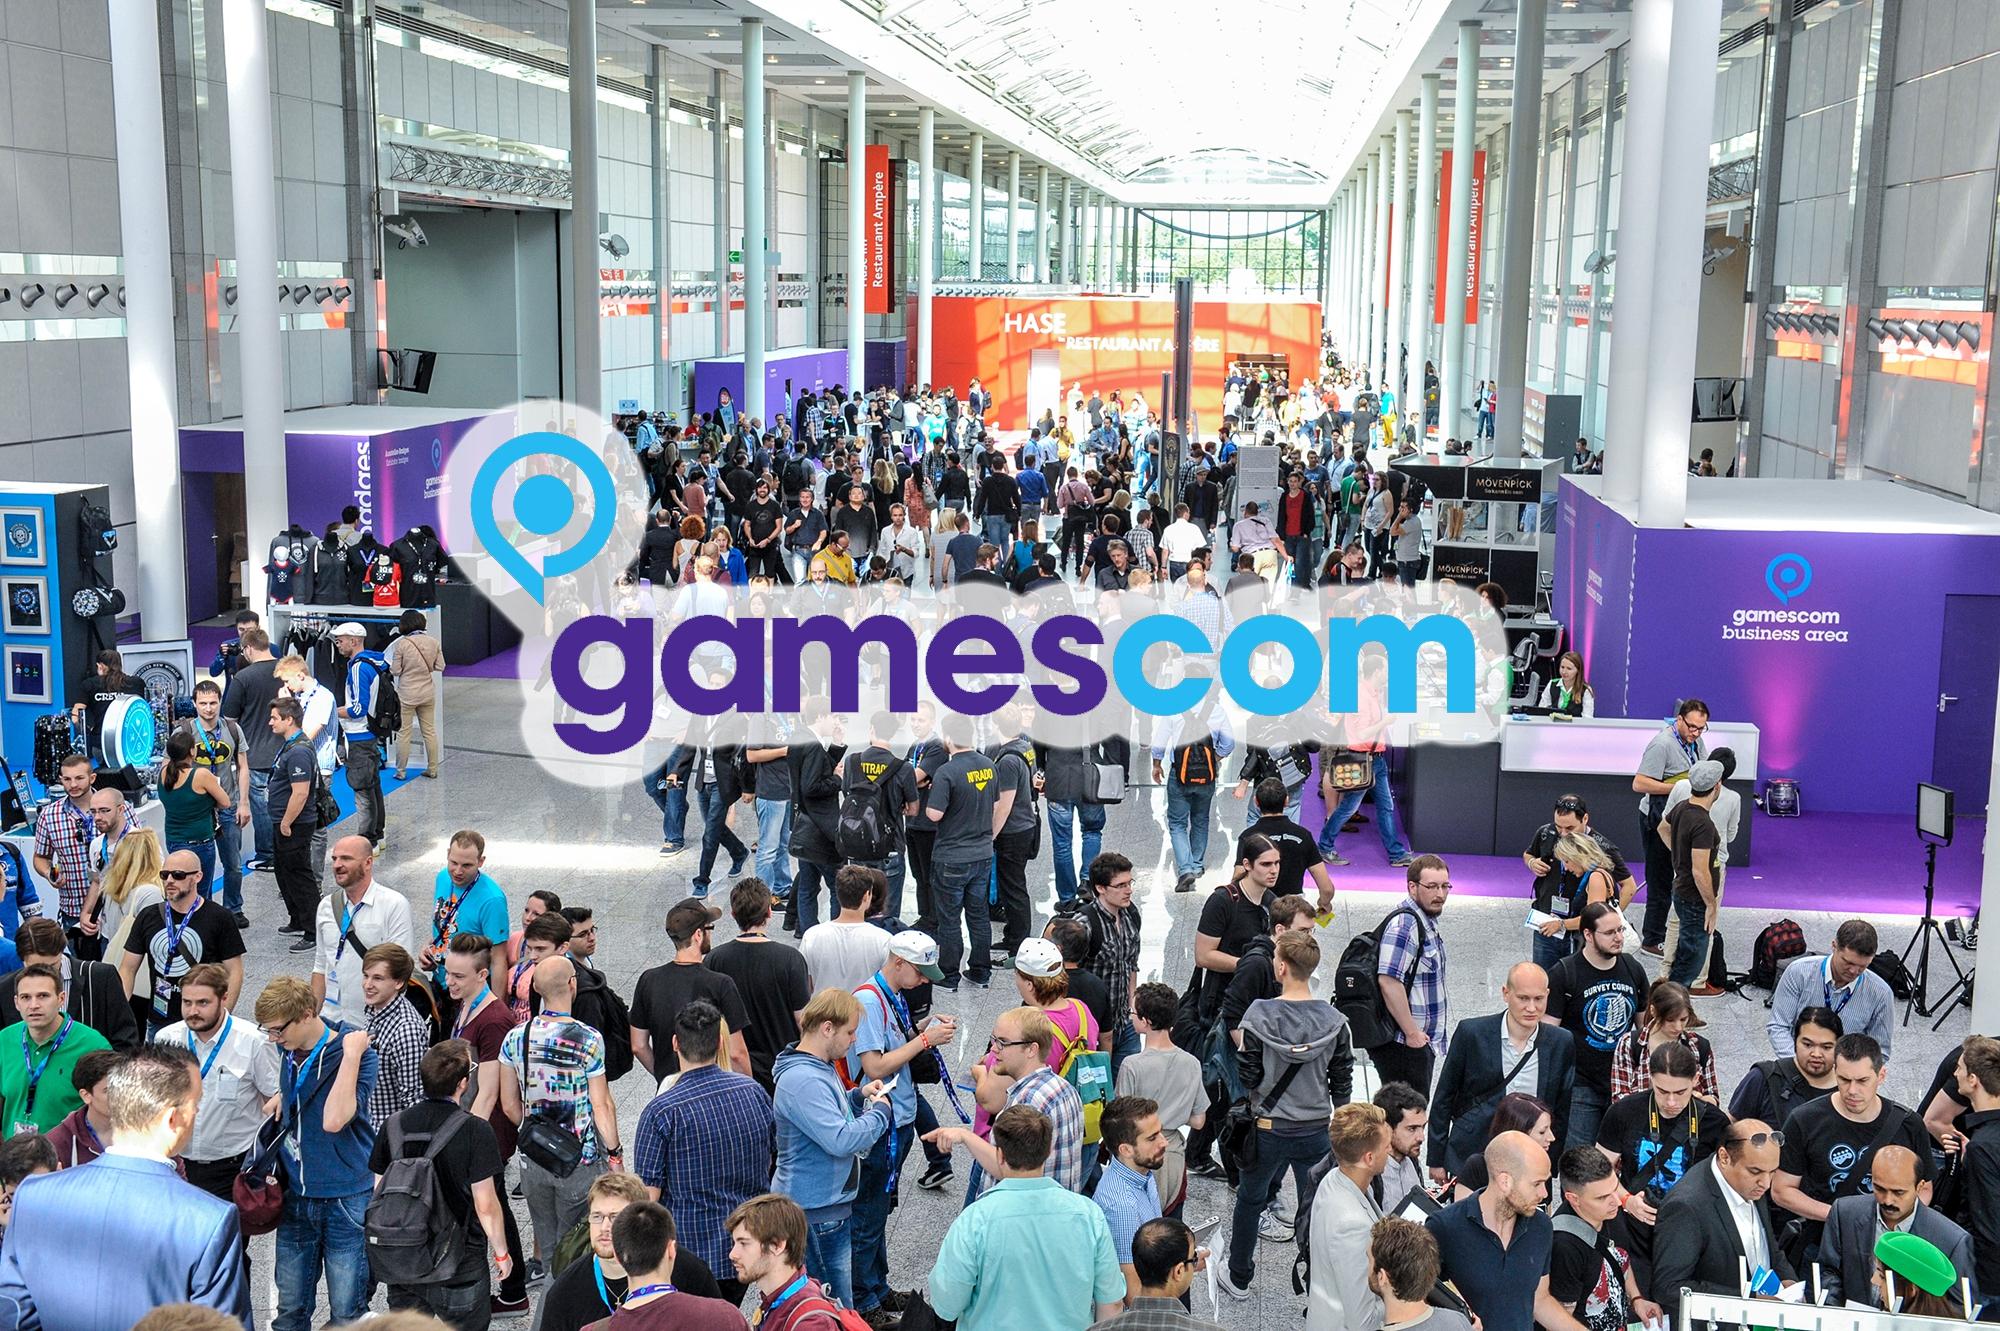 Gamescom.De